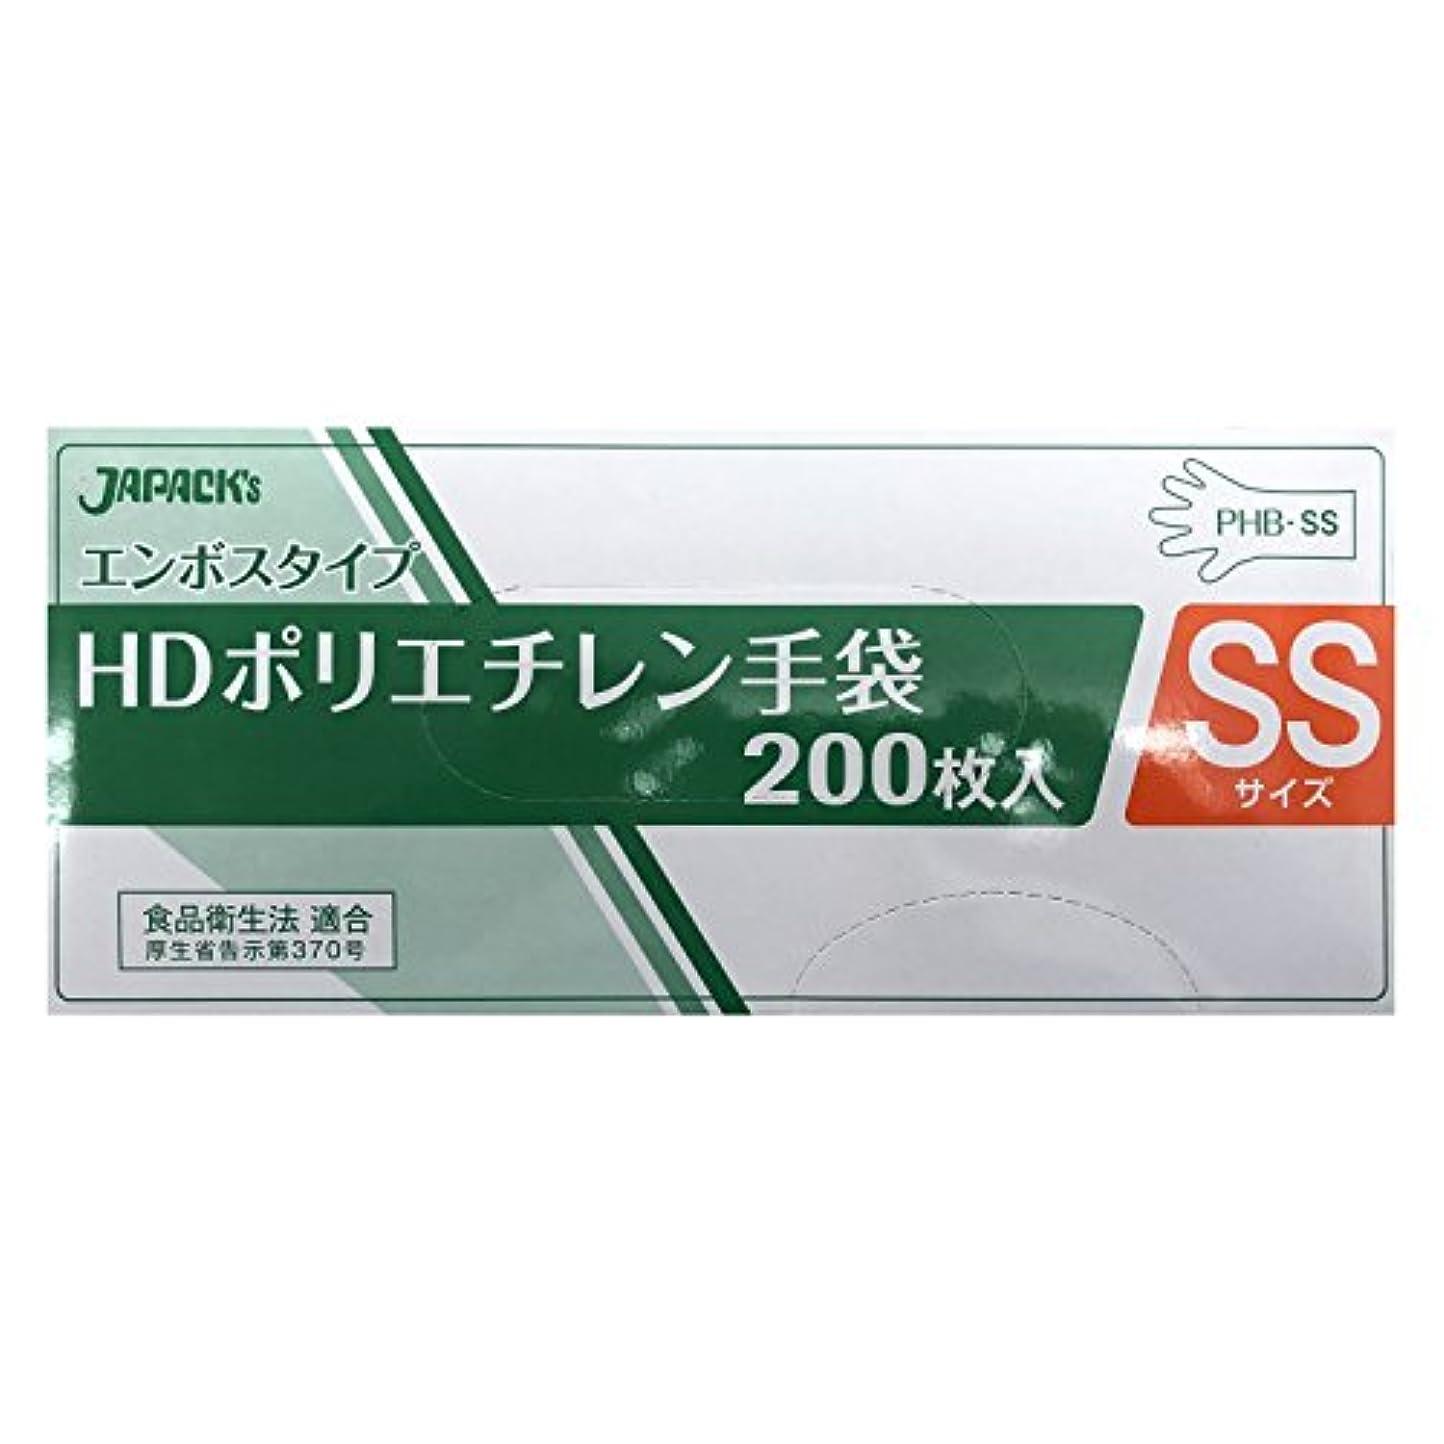 符号バルコニー毛布エンボスタイプ HDポリエチレン手袋 SSサイズ BOX 200枚入 無着色 PHB-SS